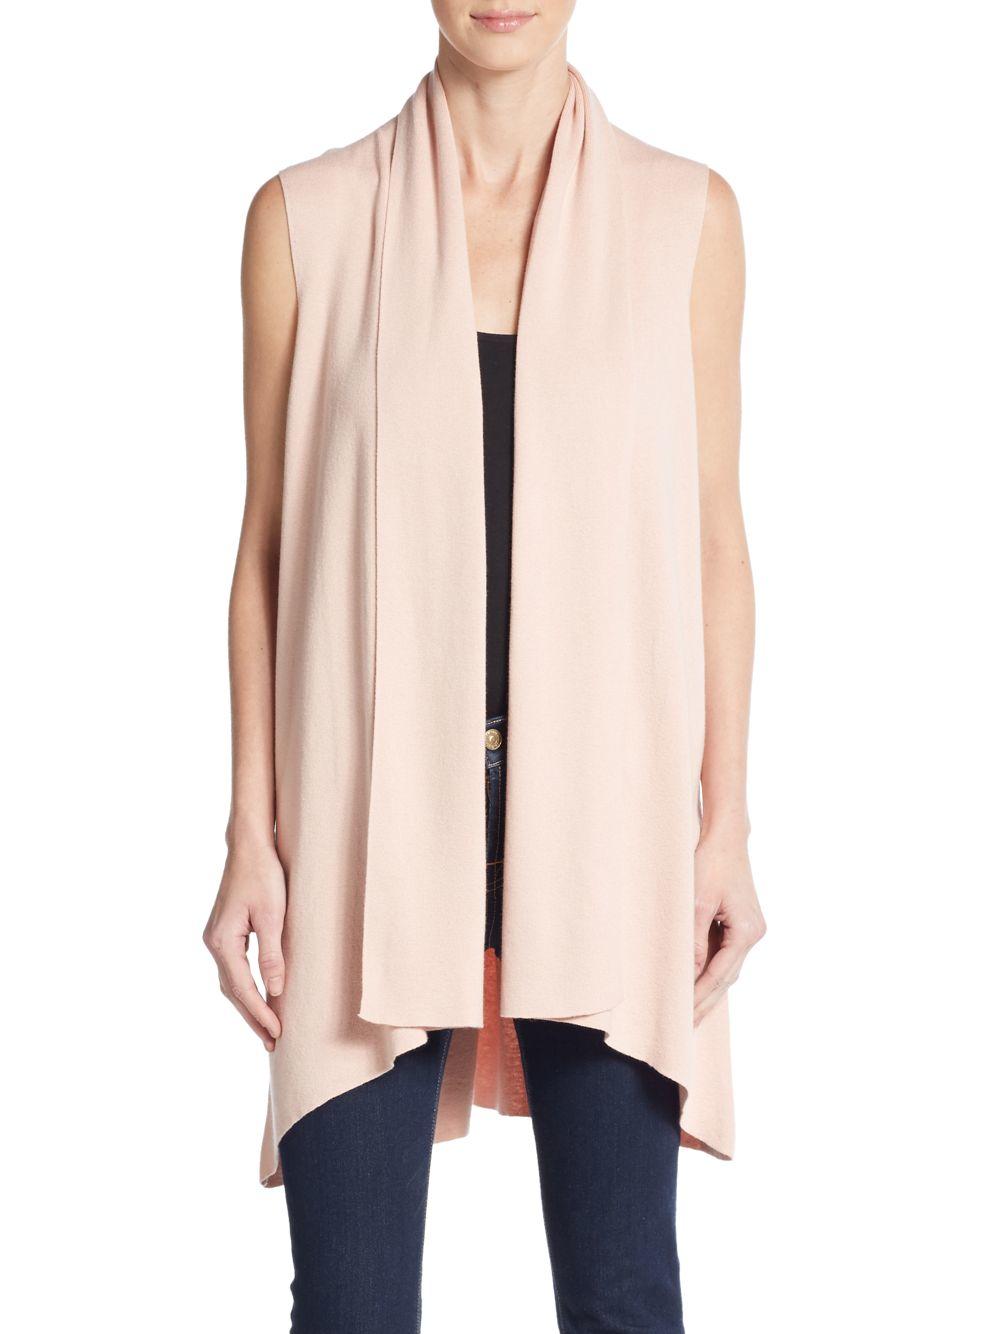 calvin klein sweater vest long sweater jacket. Black Bedroom Furniture Sets. Home Design Ideas